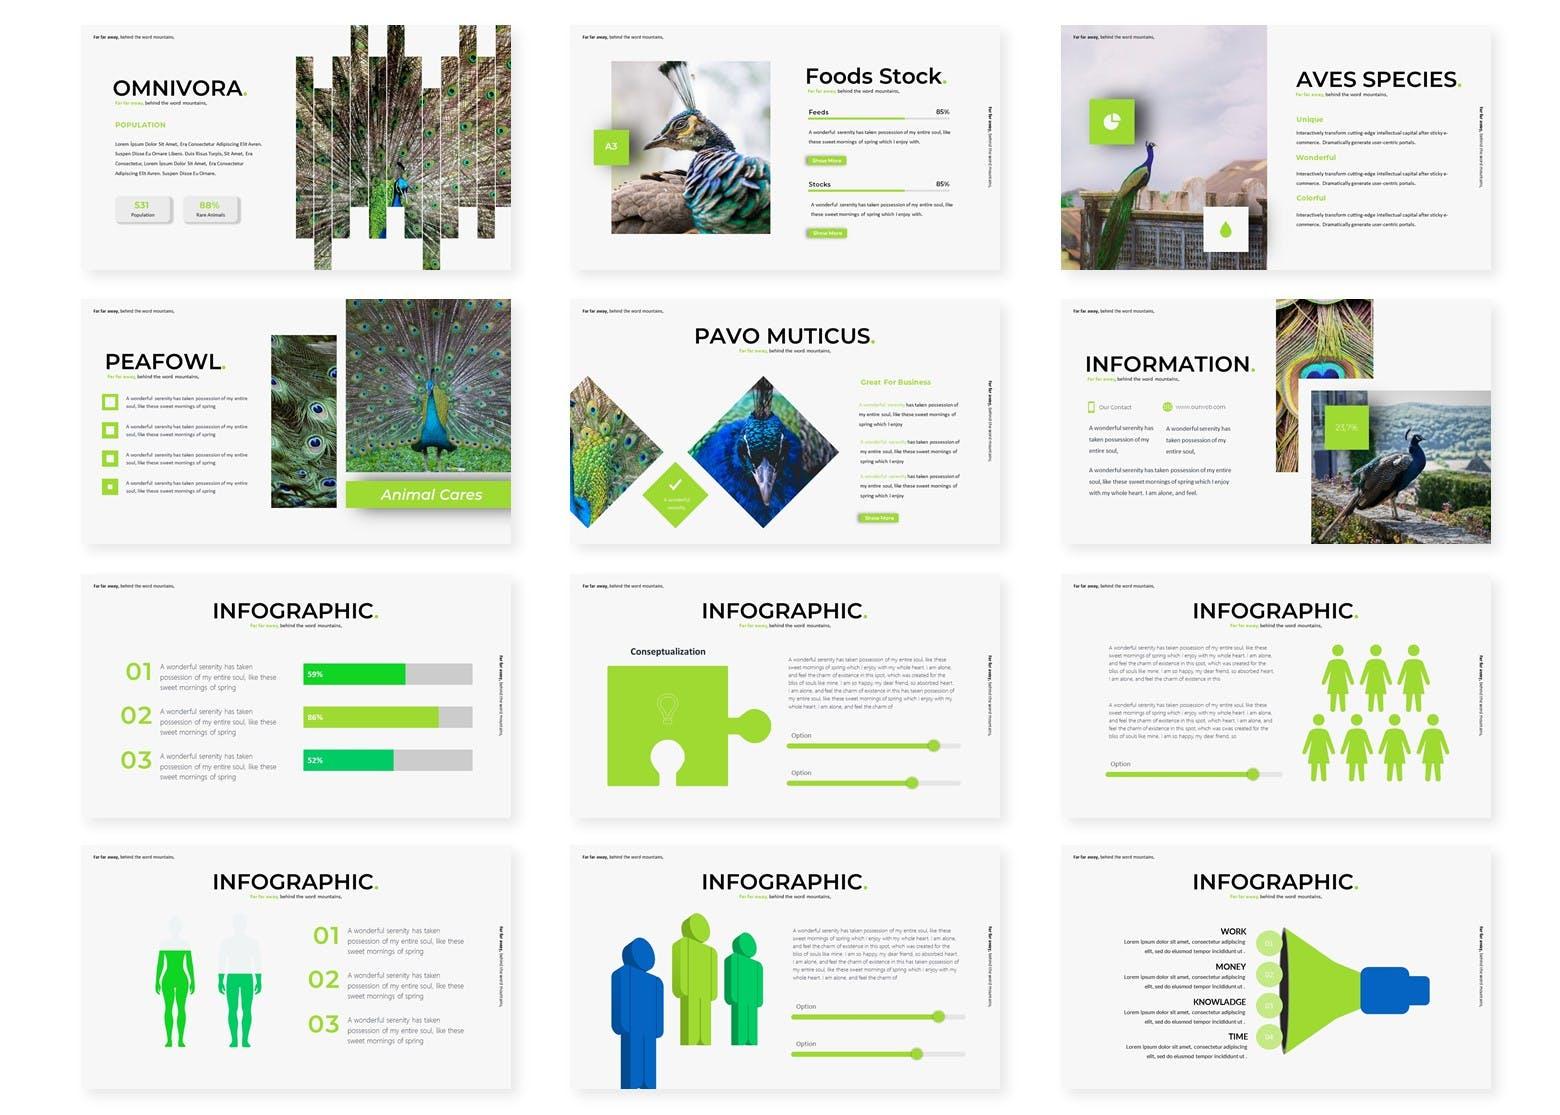 教育课件孔雀主题Powerpoint模板合集 Peacoks – Powerpoint Template设计素材模板